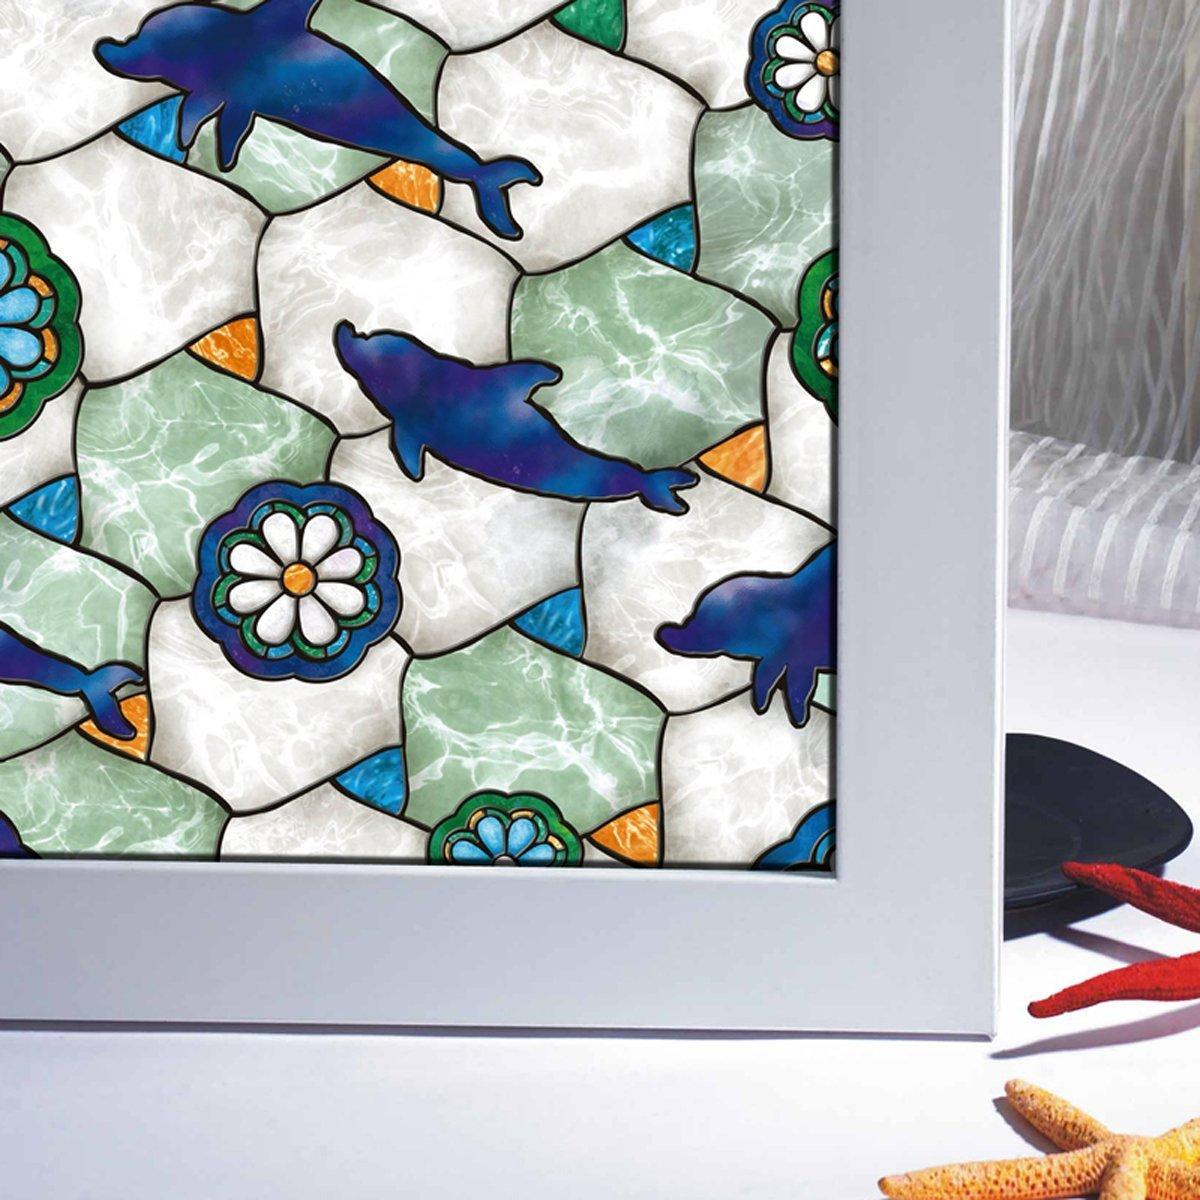 AAPLUS- 45 x 200CM Film vitre adhésif Autocollant fenêtre pour maison porte verre Stickers Électrostatique Sans Colle en PVC Anti regard Translucide & Occultant avec couleur océan bleu [Classe énergétique A+]